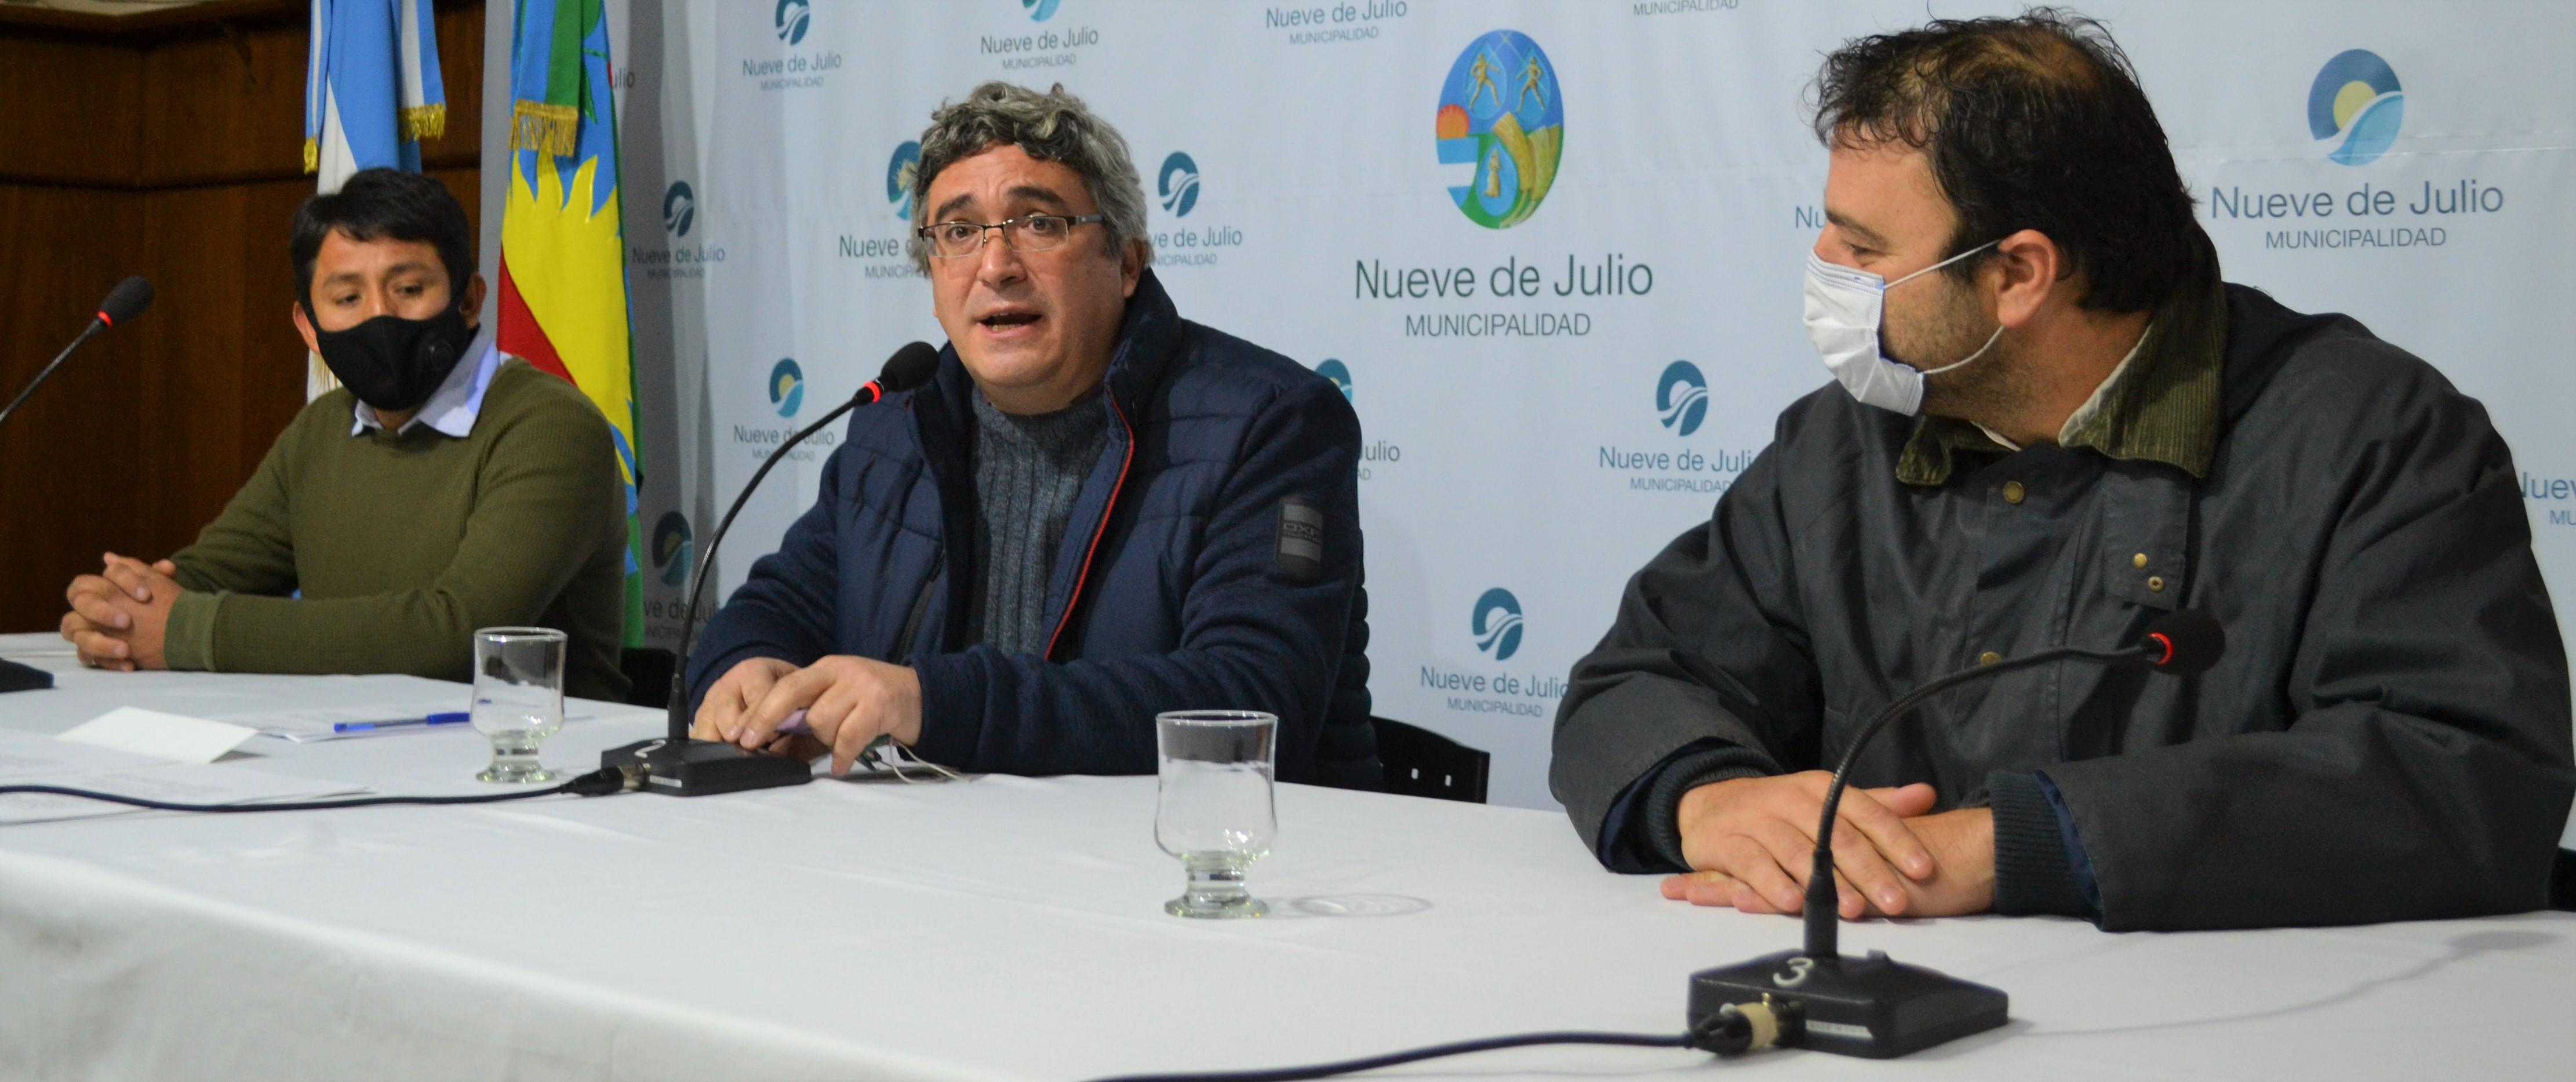 En 9 de Julio: El Ministro Javier Rodríguez hizo entrega de un aporte a productores hortícolas locales y de Henderson